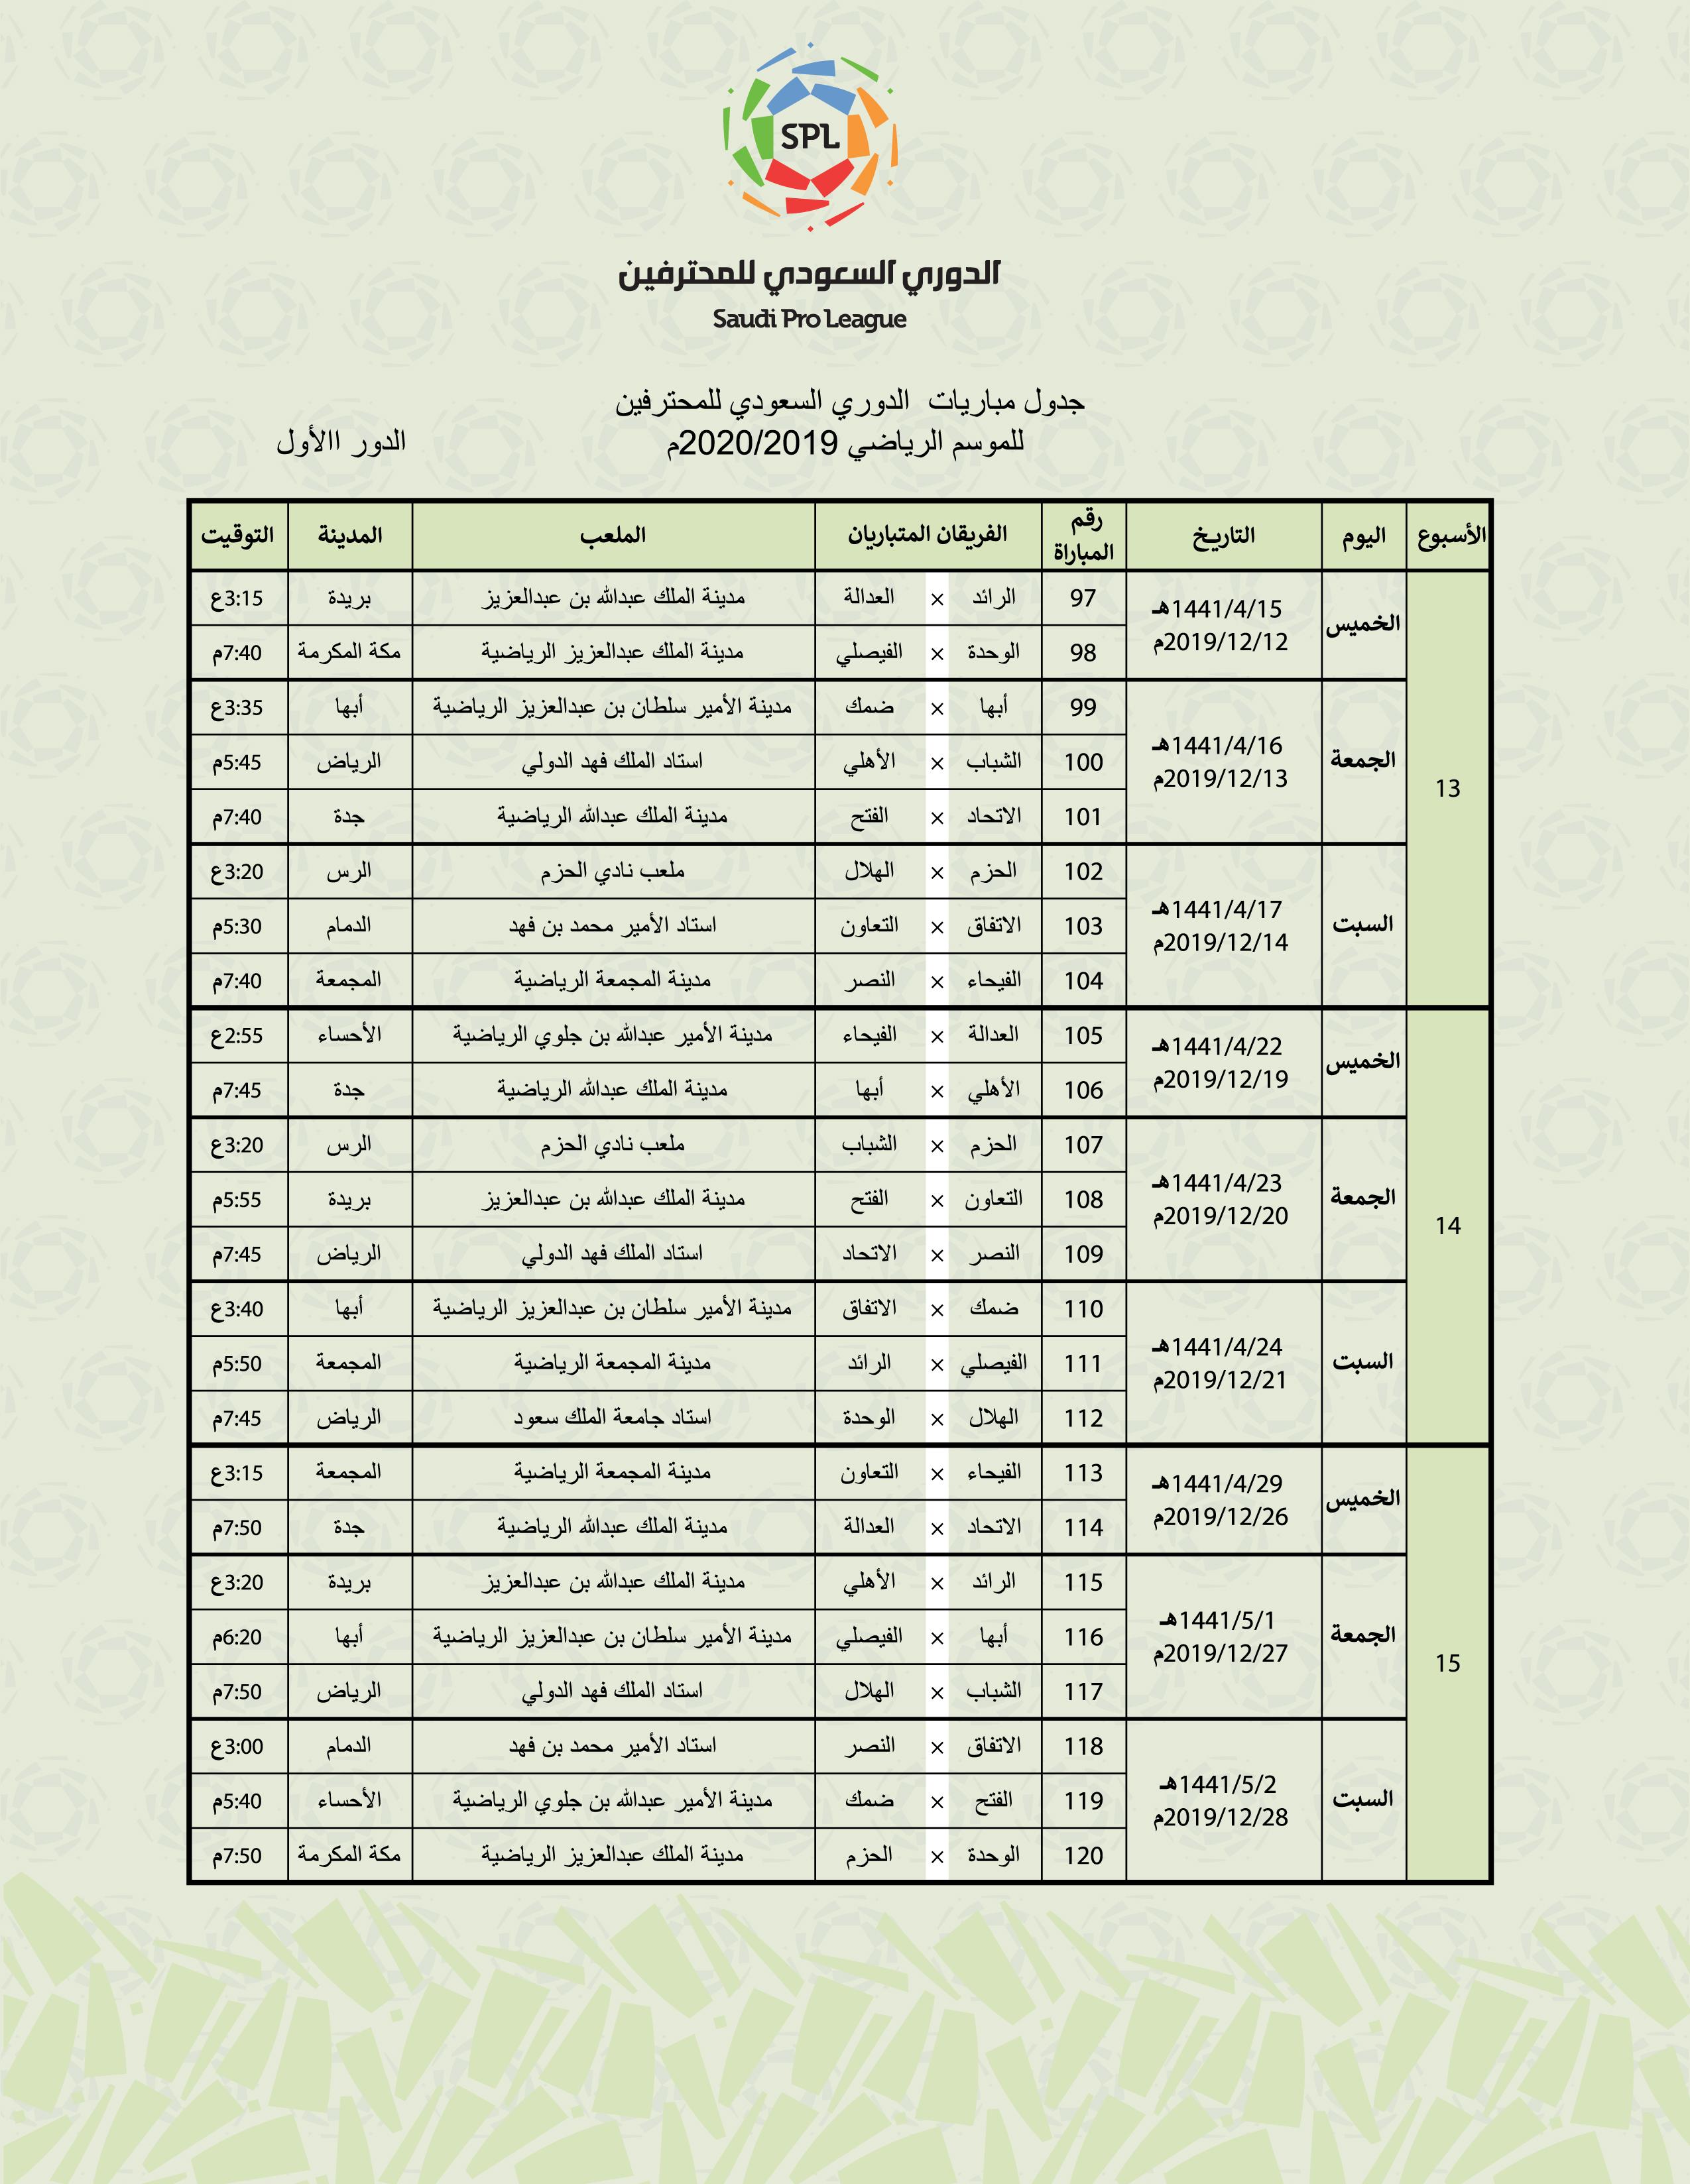 مباريات الهلال الدوري السعودي 2020